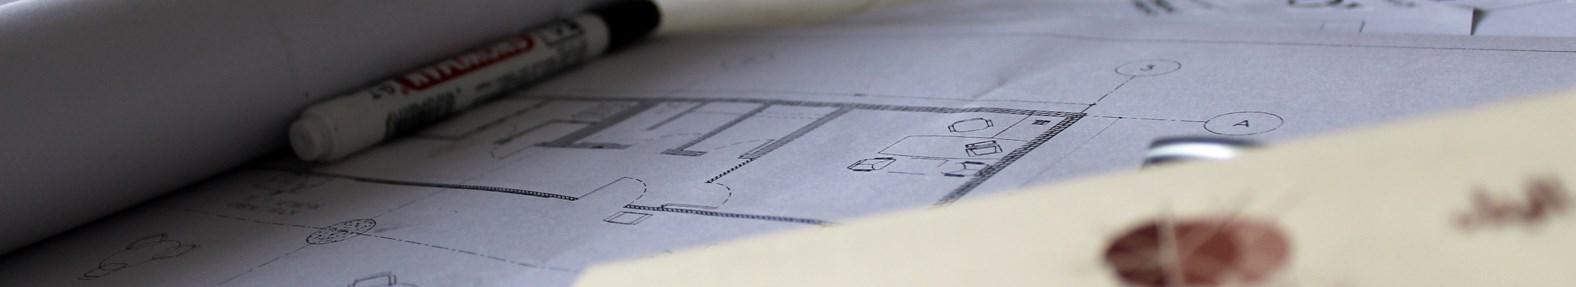 مجموعة التكامل لمواقع البناء - شركات تابعة